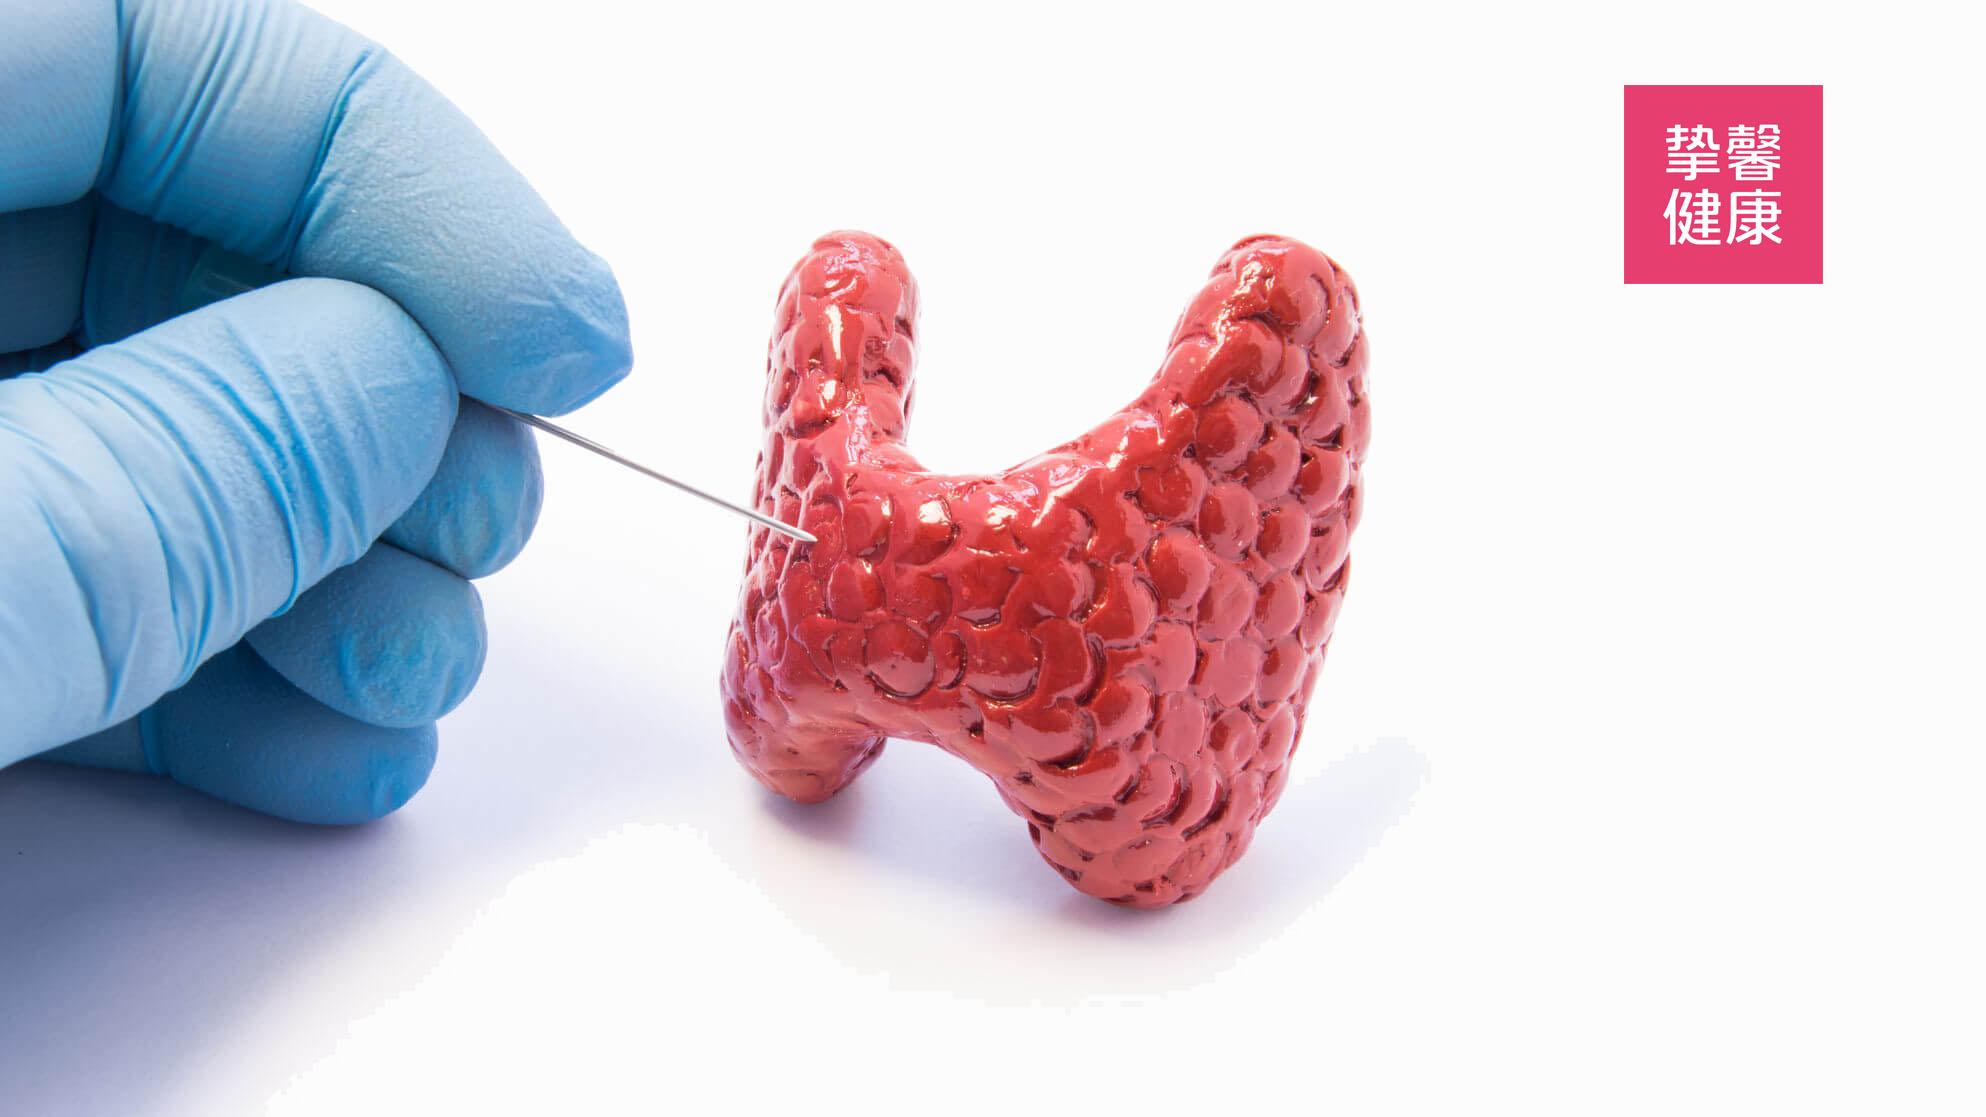 甲状腺疾病难以被发现和确诊